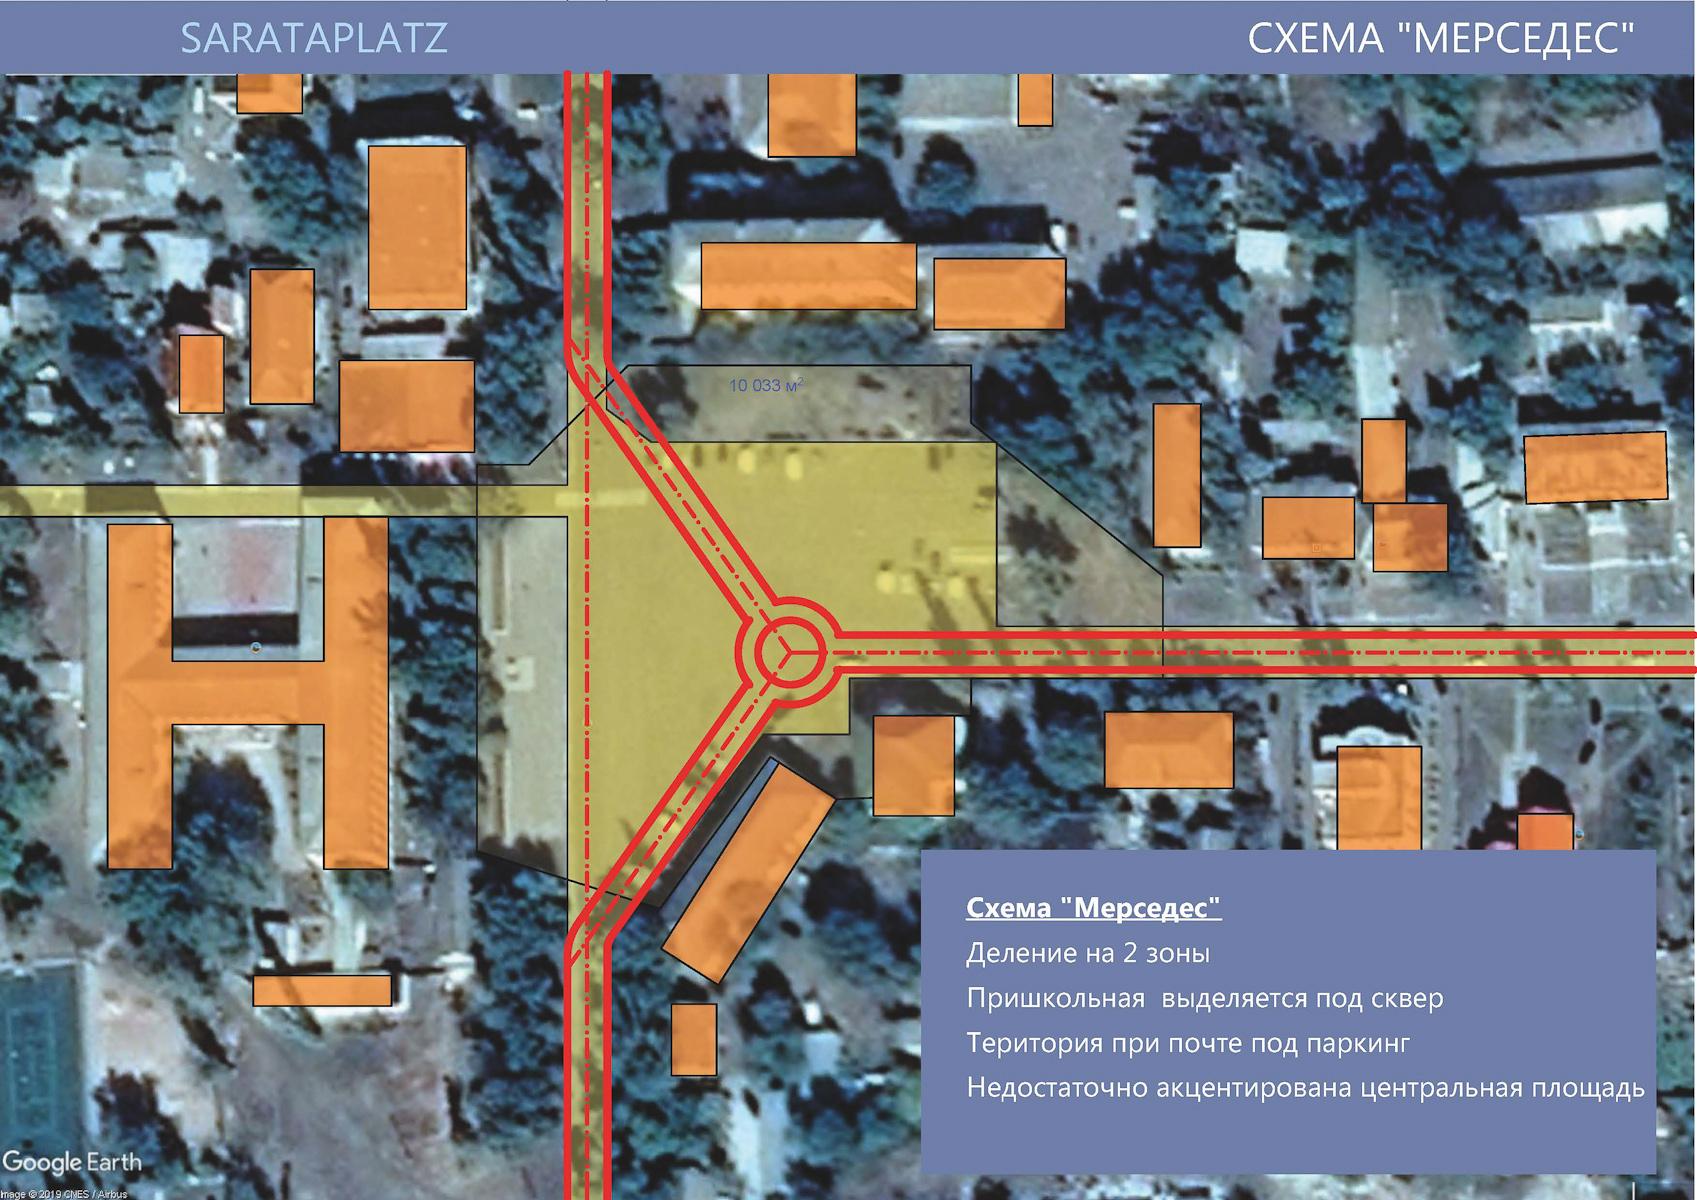 URDI Обсуждение вариантов реновации площади Сараты_Страница_09